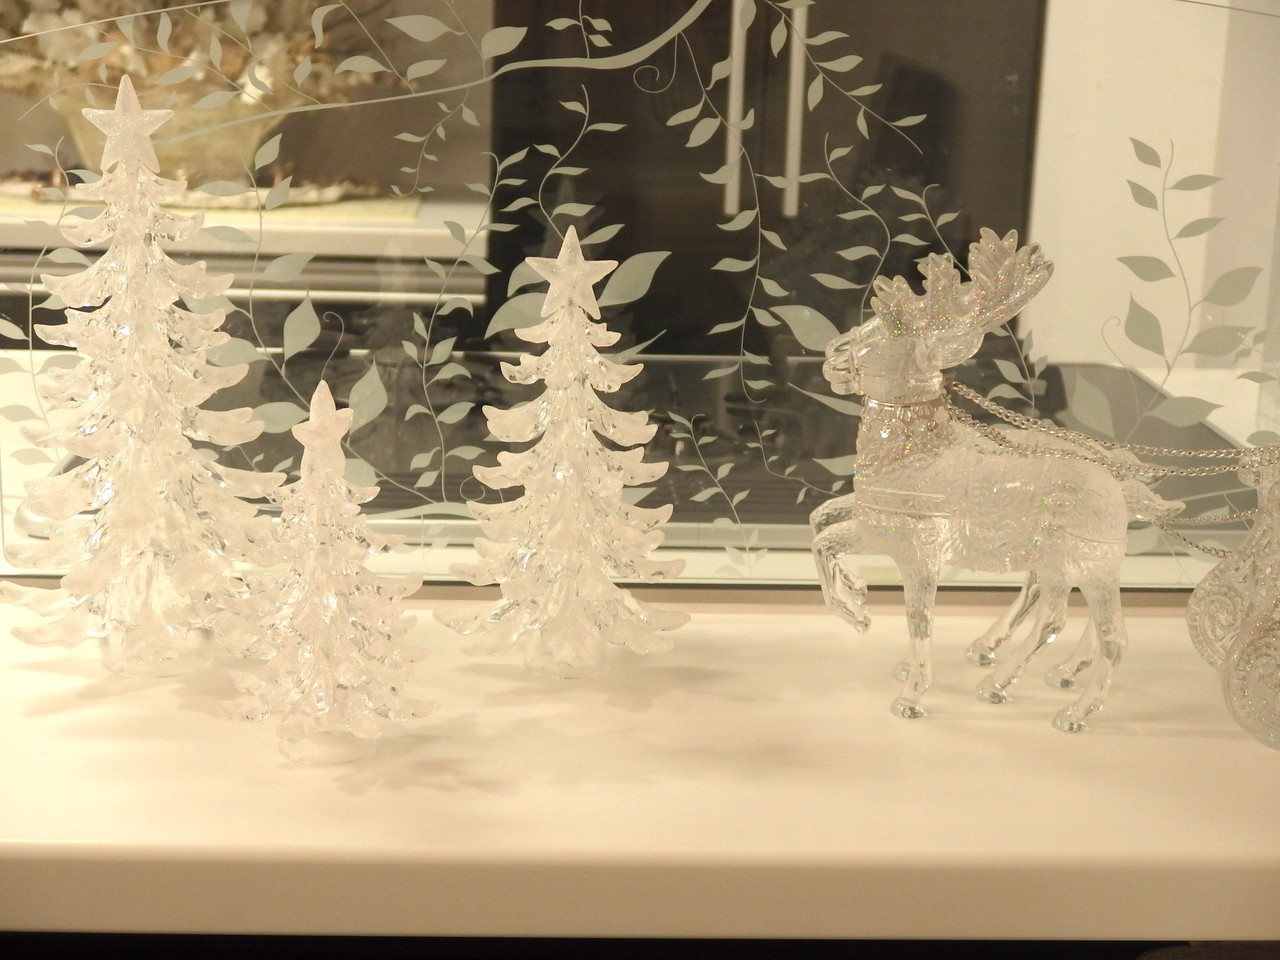 ハッピーホワイトクリスマス